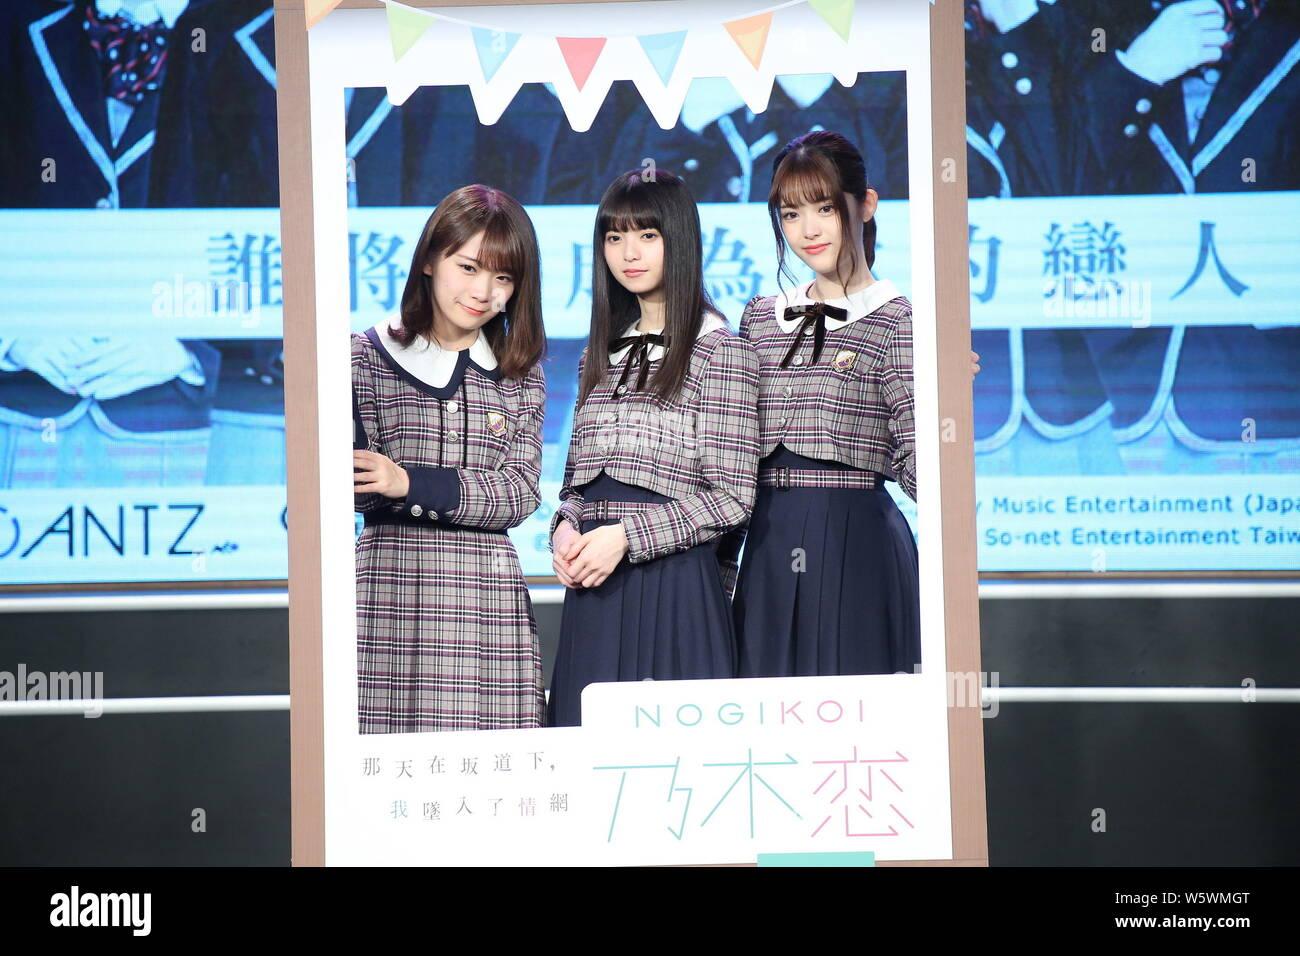 From left) Akimoto Manatsu, Asuka Saito, Matsumura Sayuri of